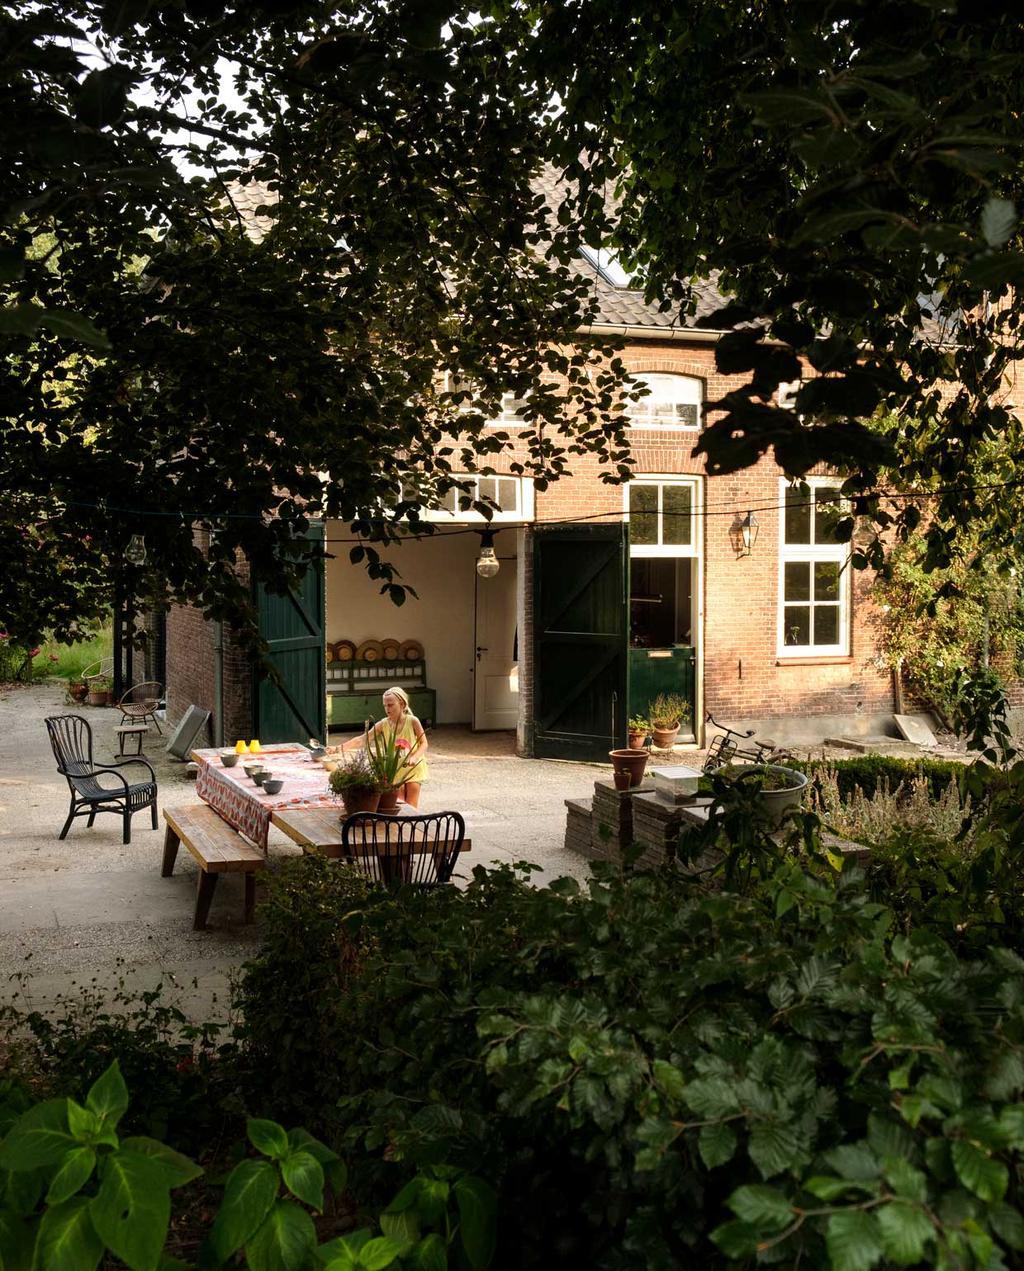 vtwonen 10-2020 | Kijkkamer bommelerwaard | tuin met openslaande schuurdeur en een gedekte tafel